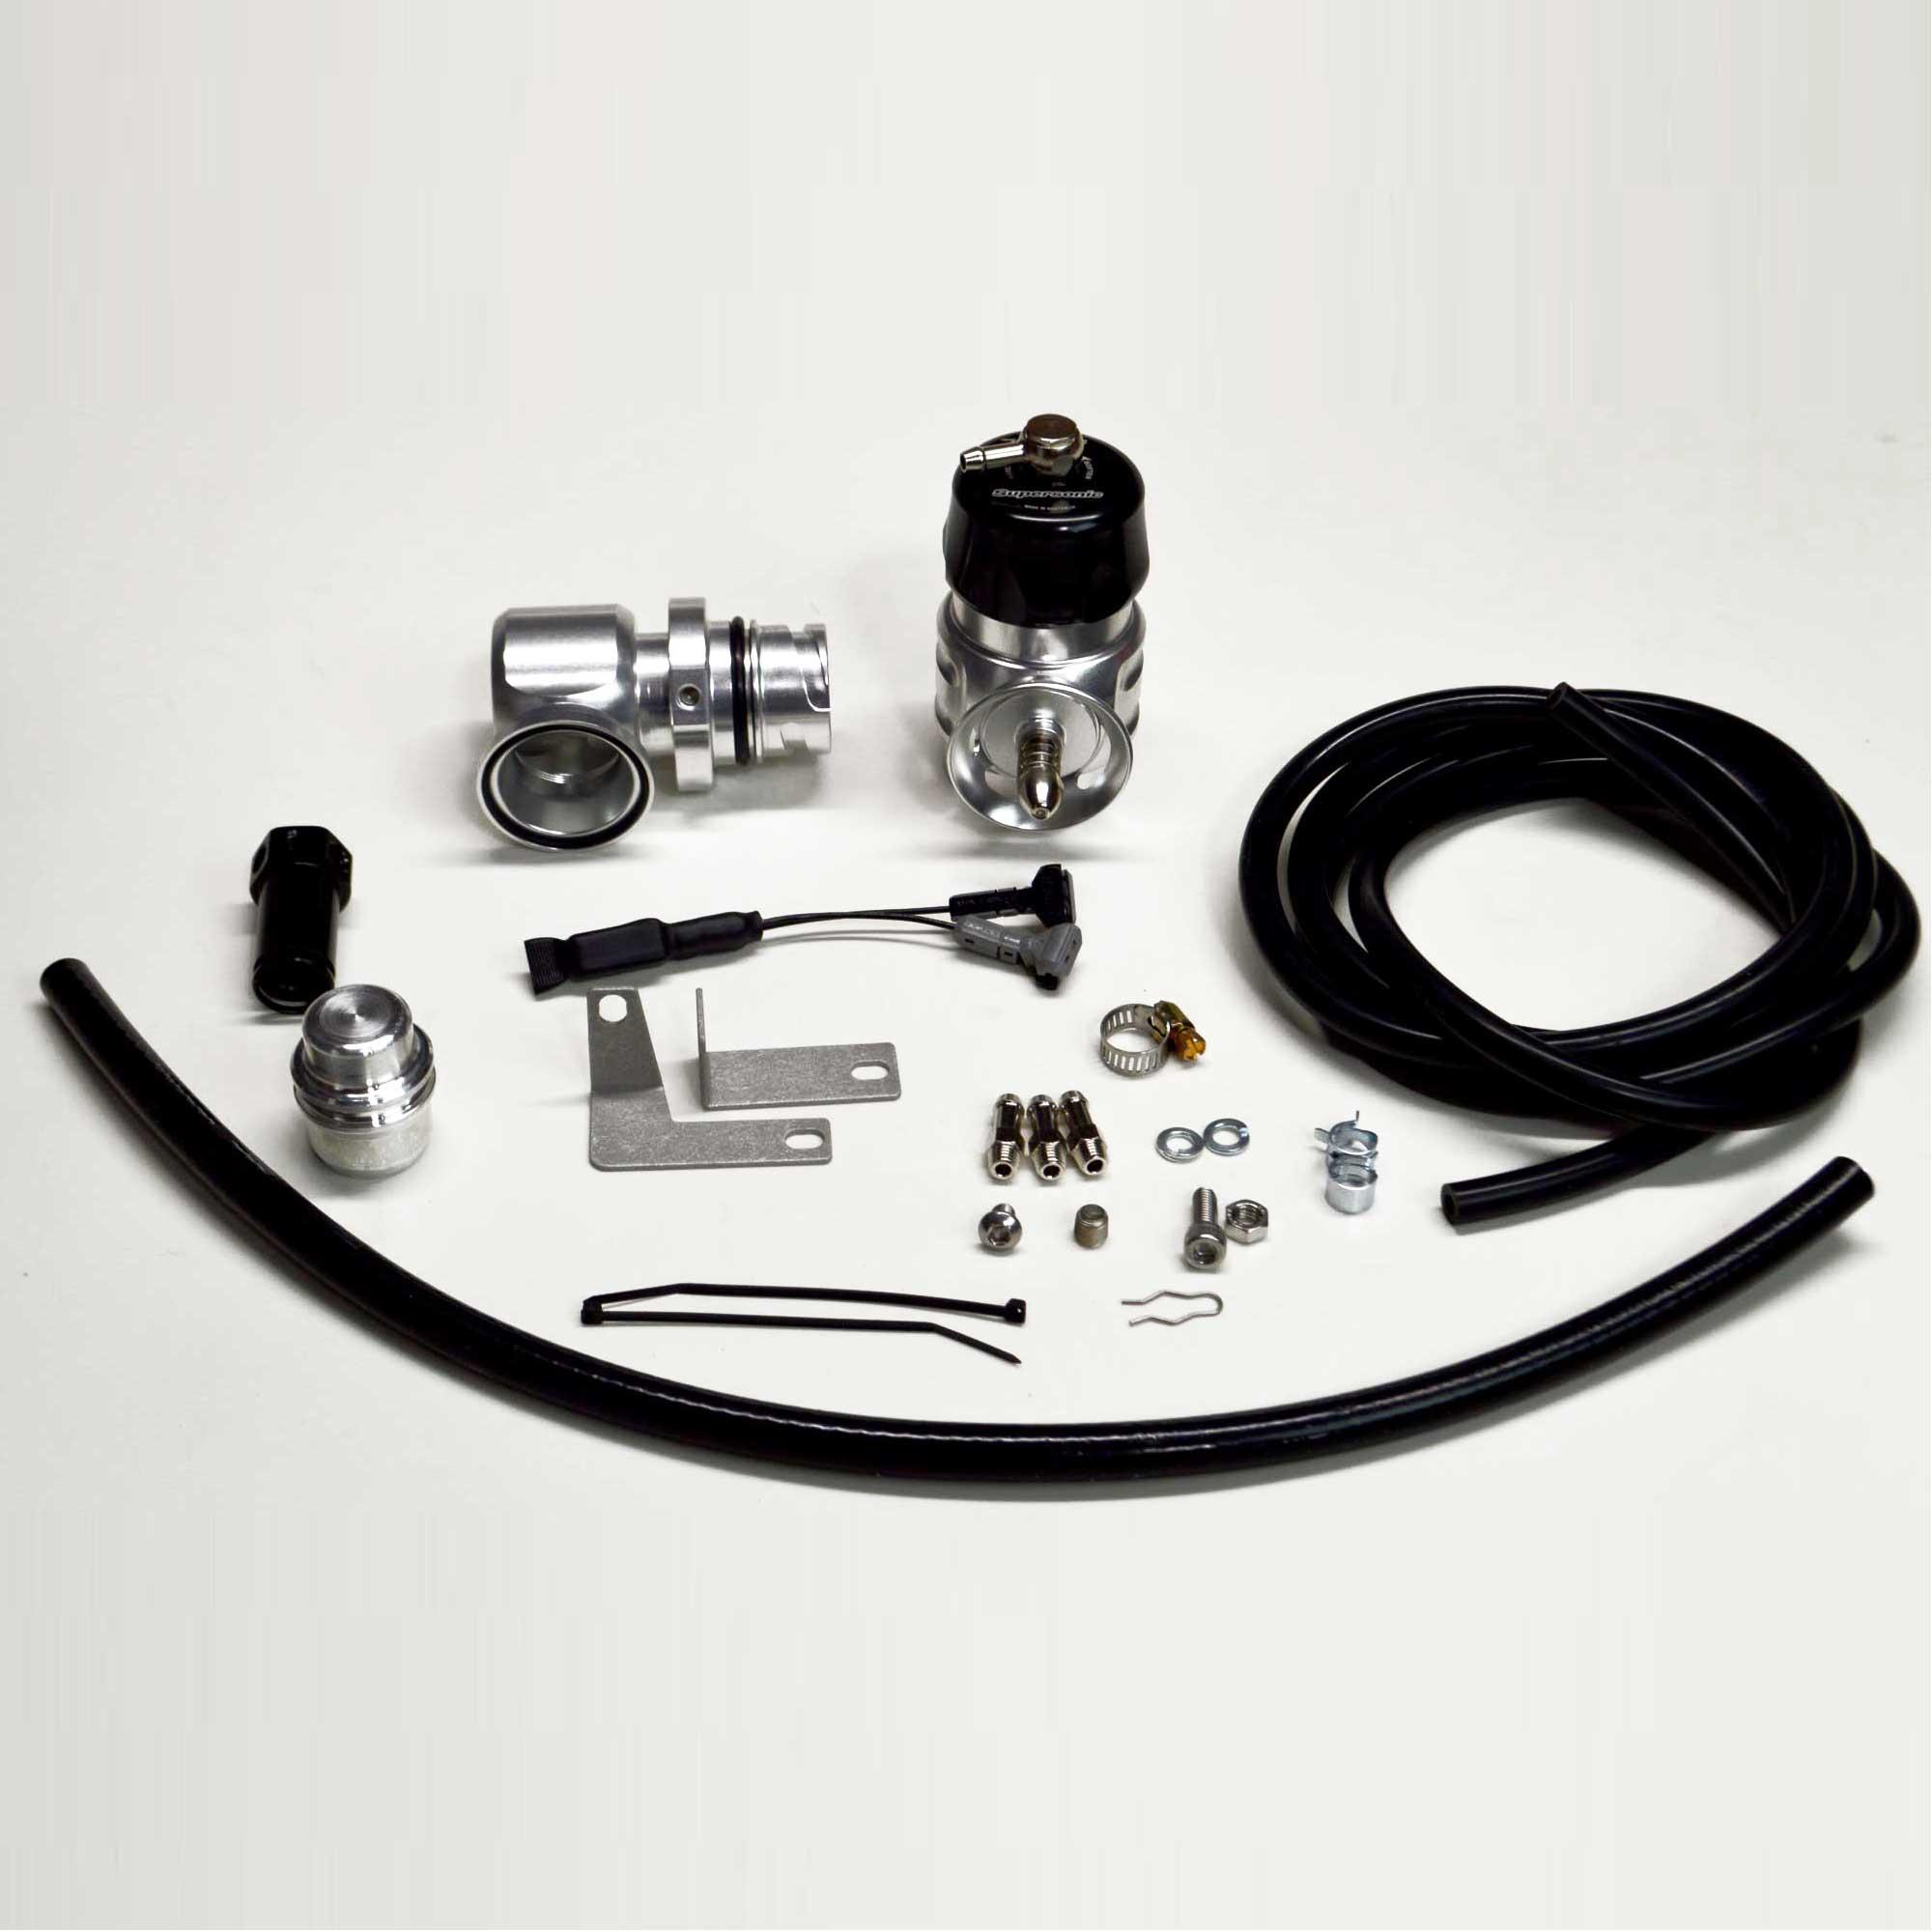 Turbosmart BOV Smart PortSupersonic Ford F150 2015+ 3.5L & 2.7L Ecoboost / Raptor EcoBoost - Black